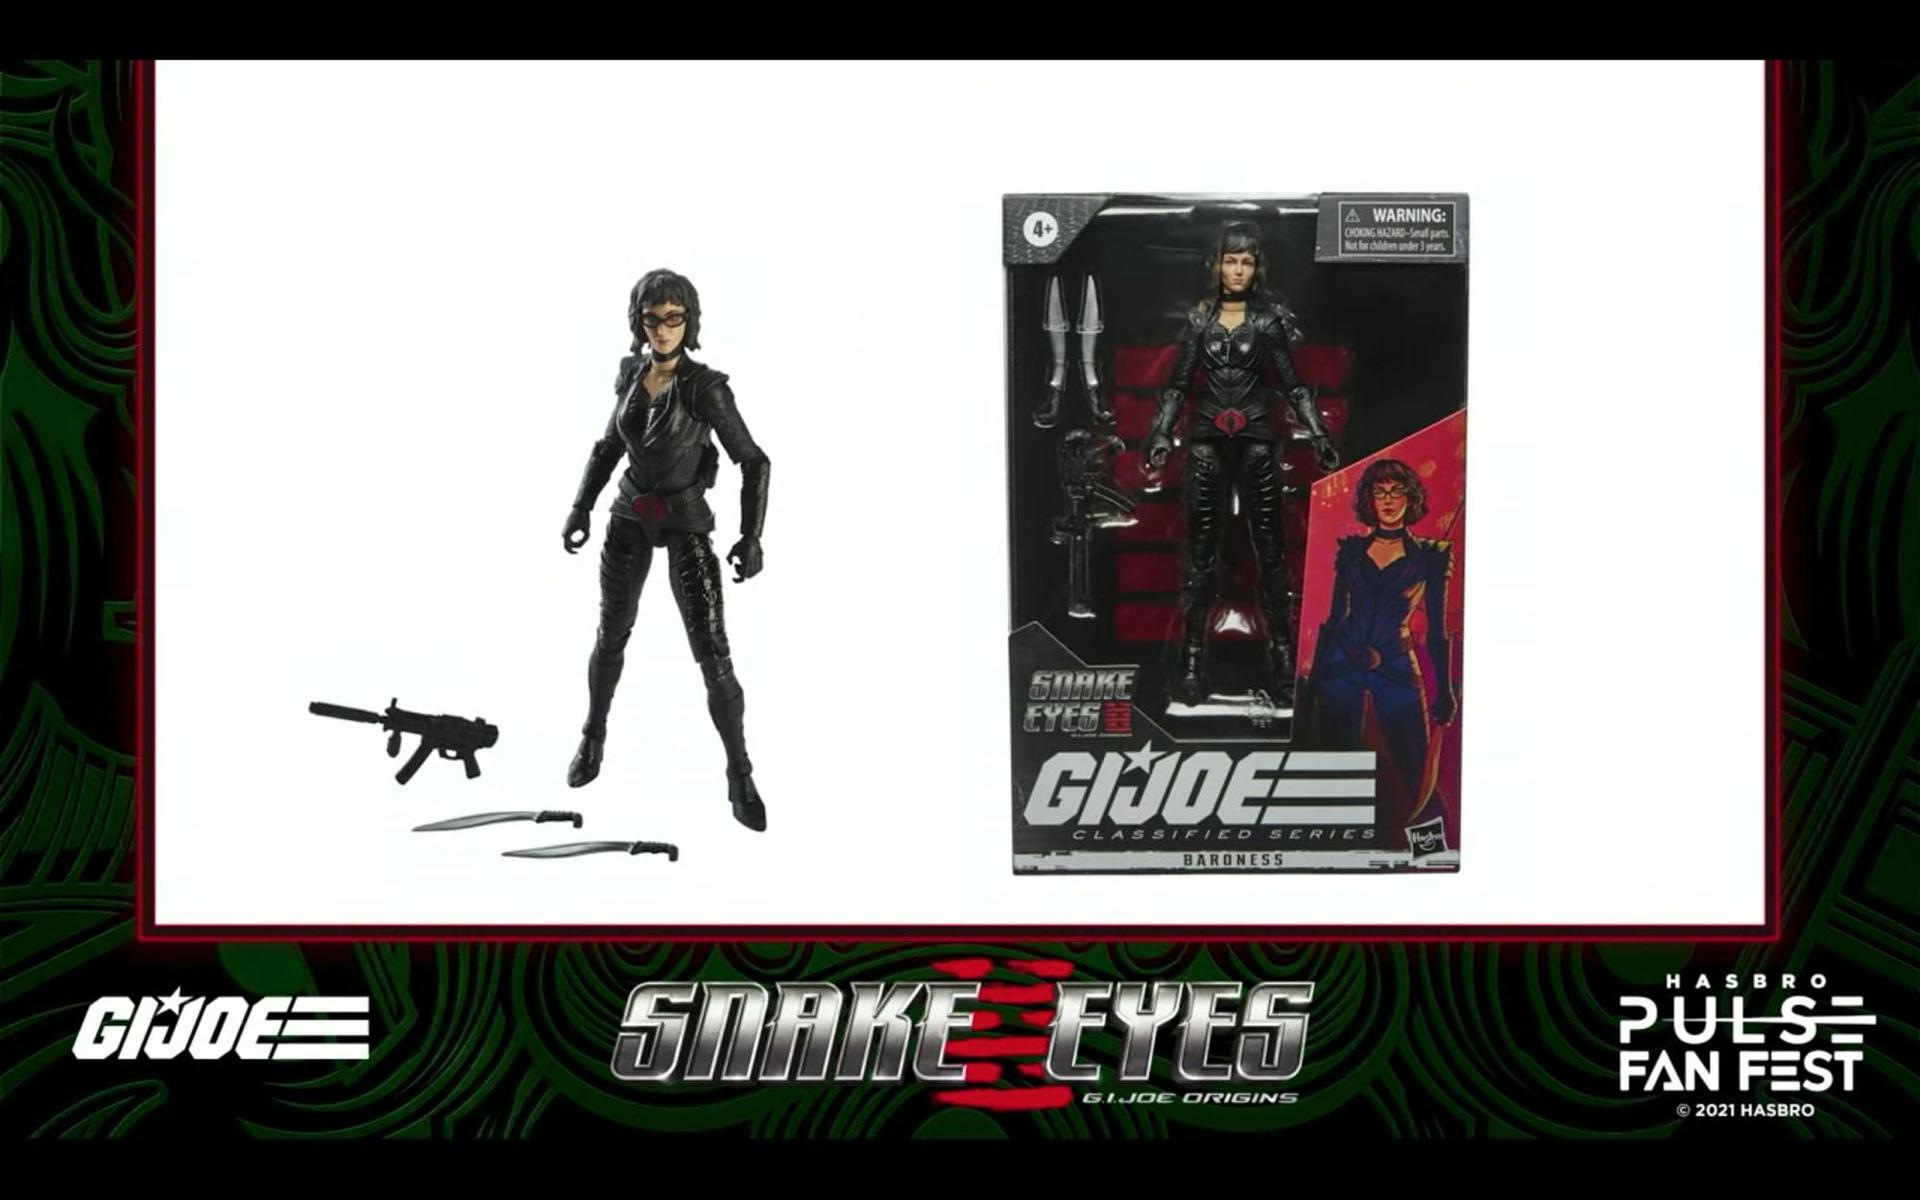 GI Joe Classified & Snake Eyes Reveals Take Over Hasbro Fan Fest